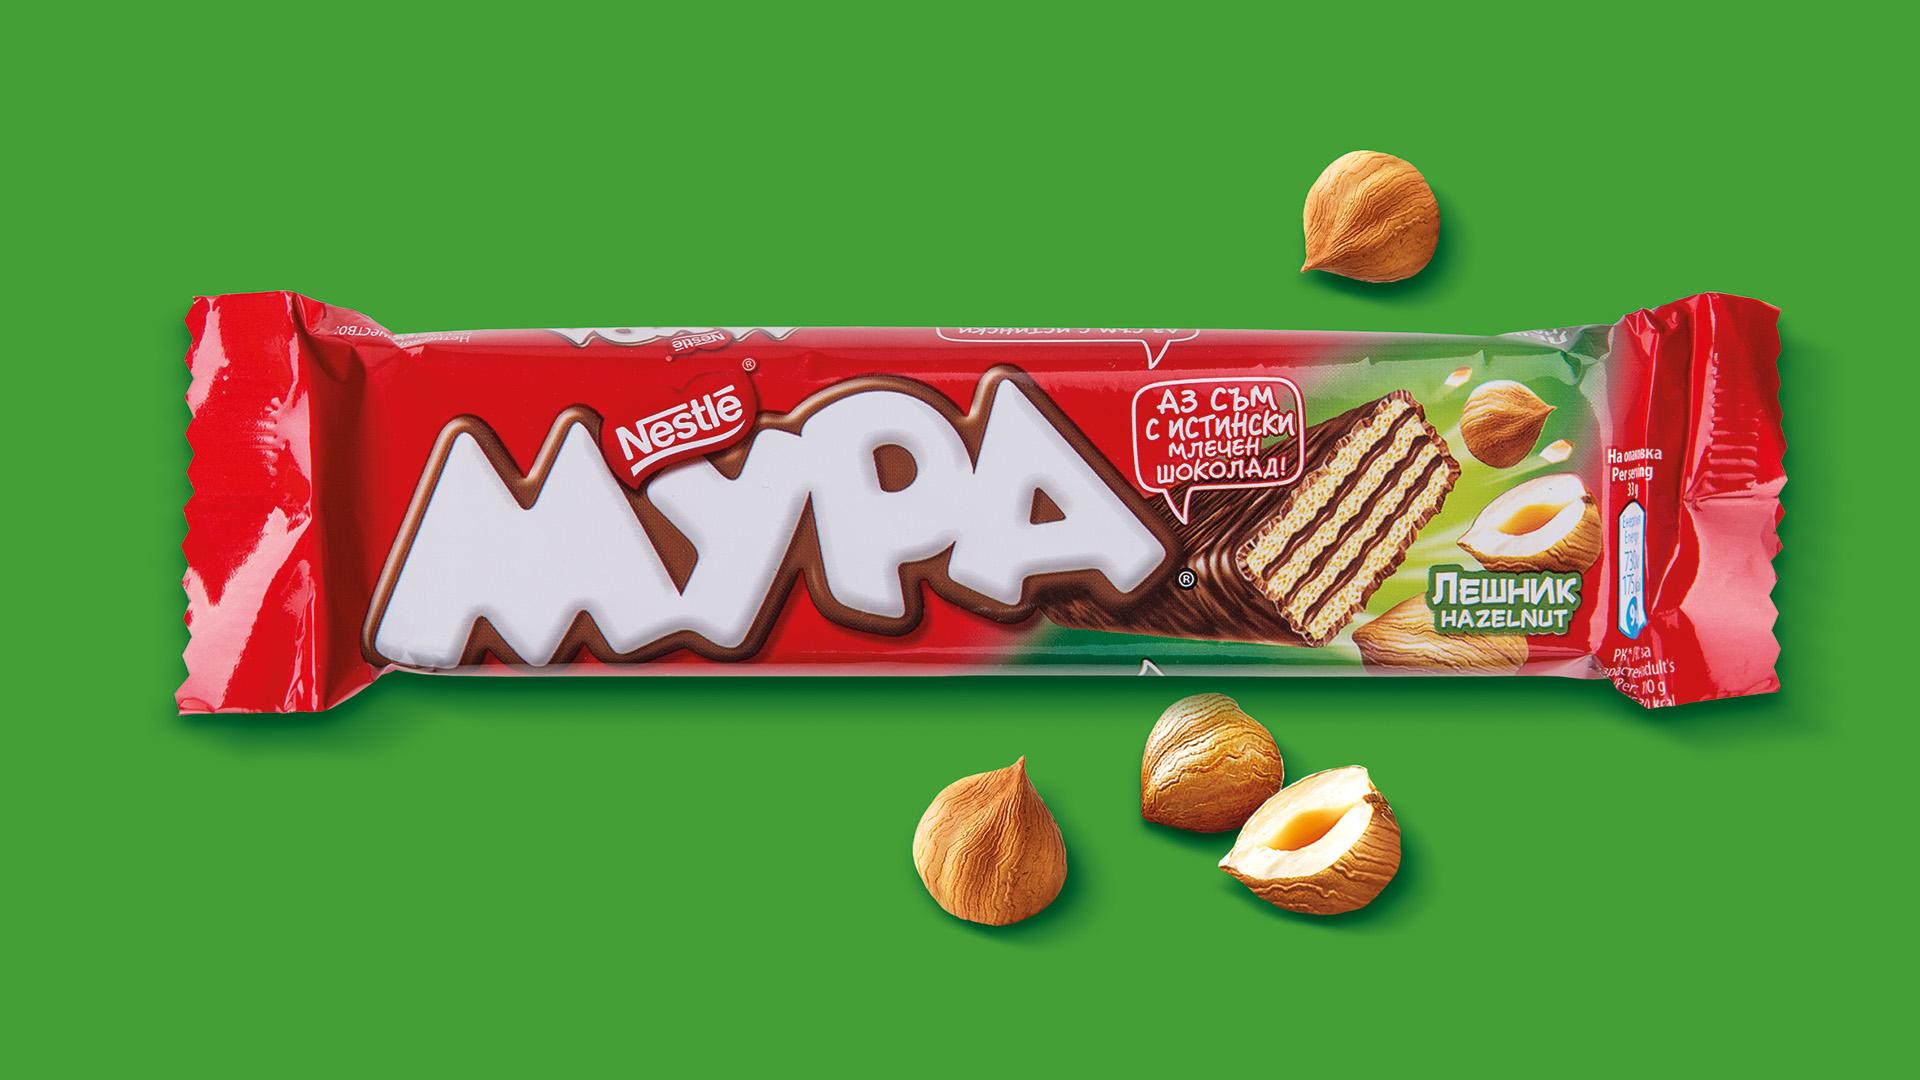 mypa3 agencja brandingowa